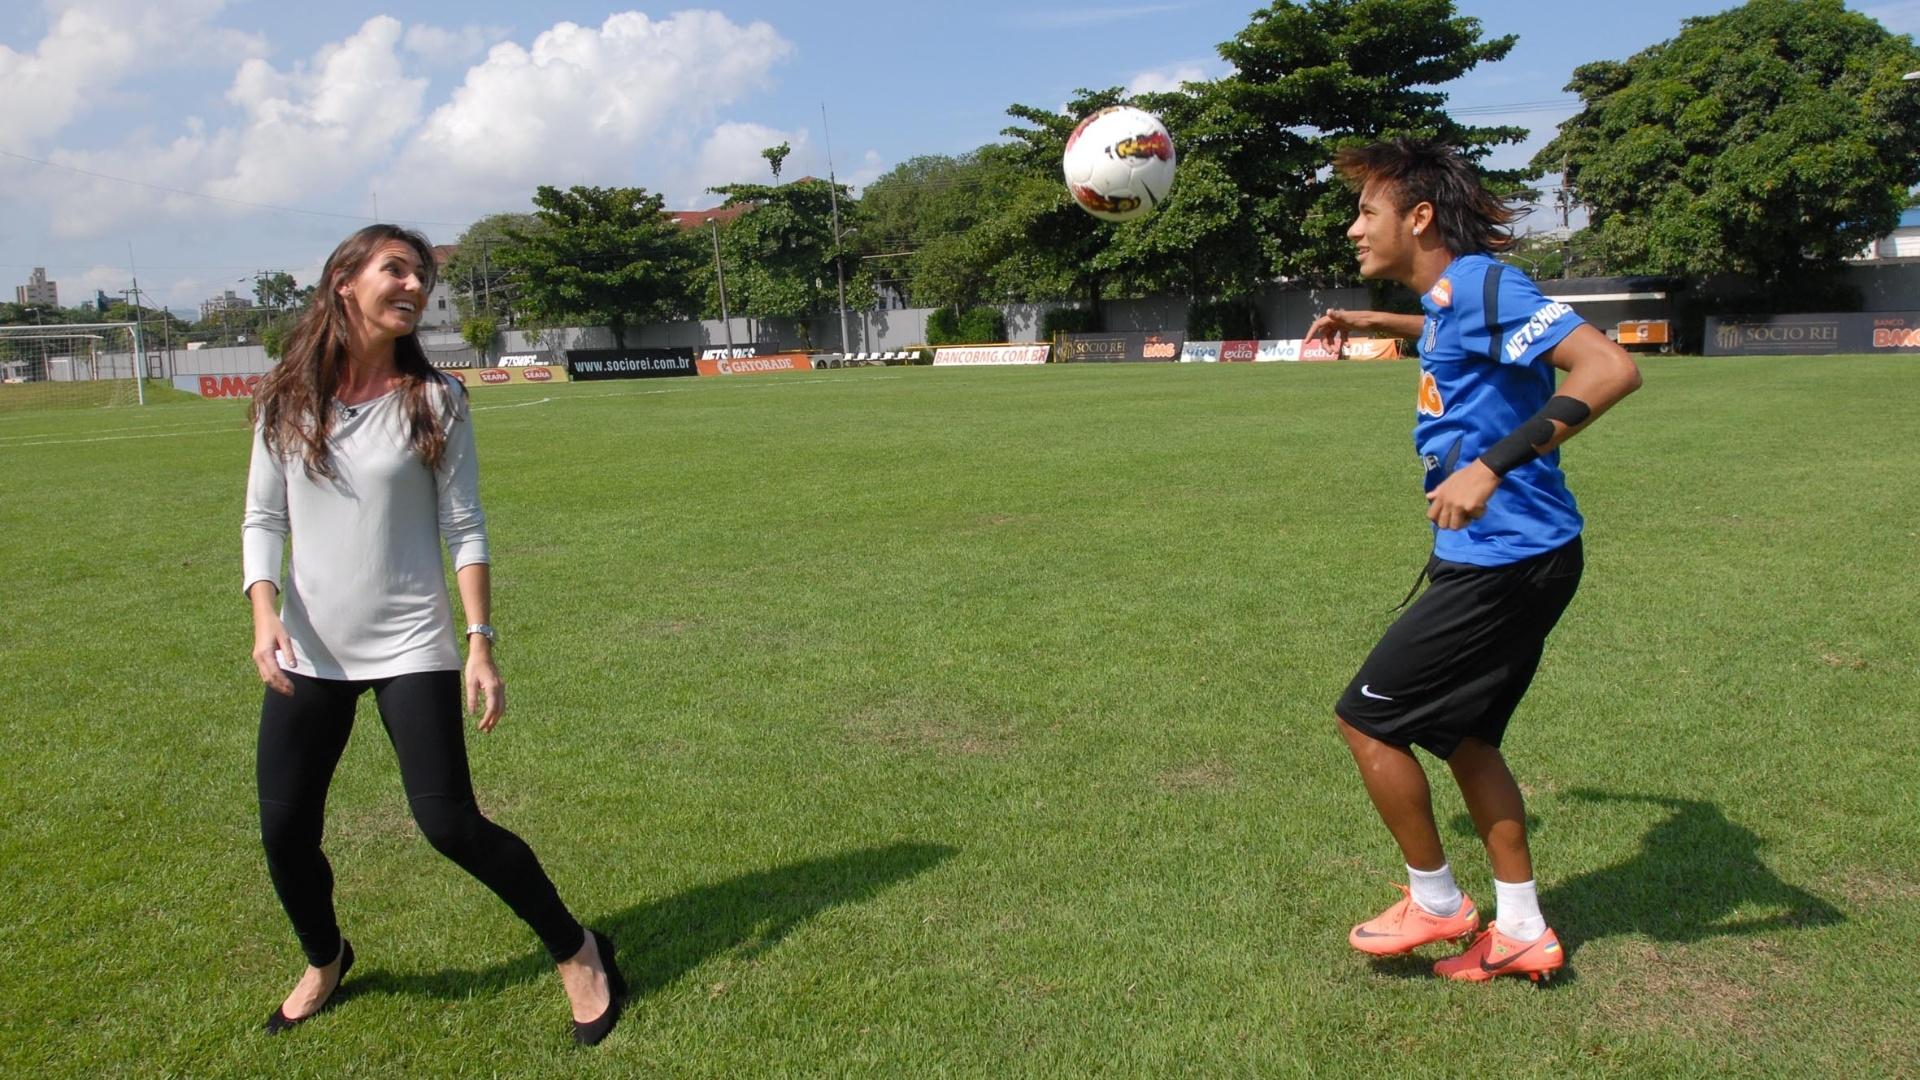 Glenda bate bola com Neymar durante gravação do programa Esporte Espetacular, em abril de 2012